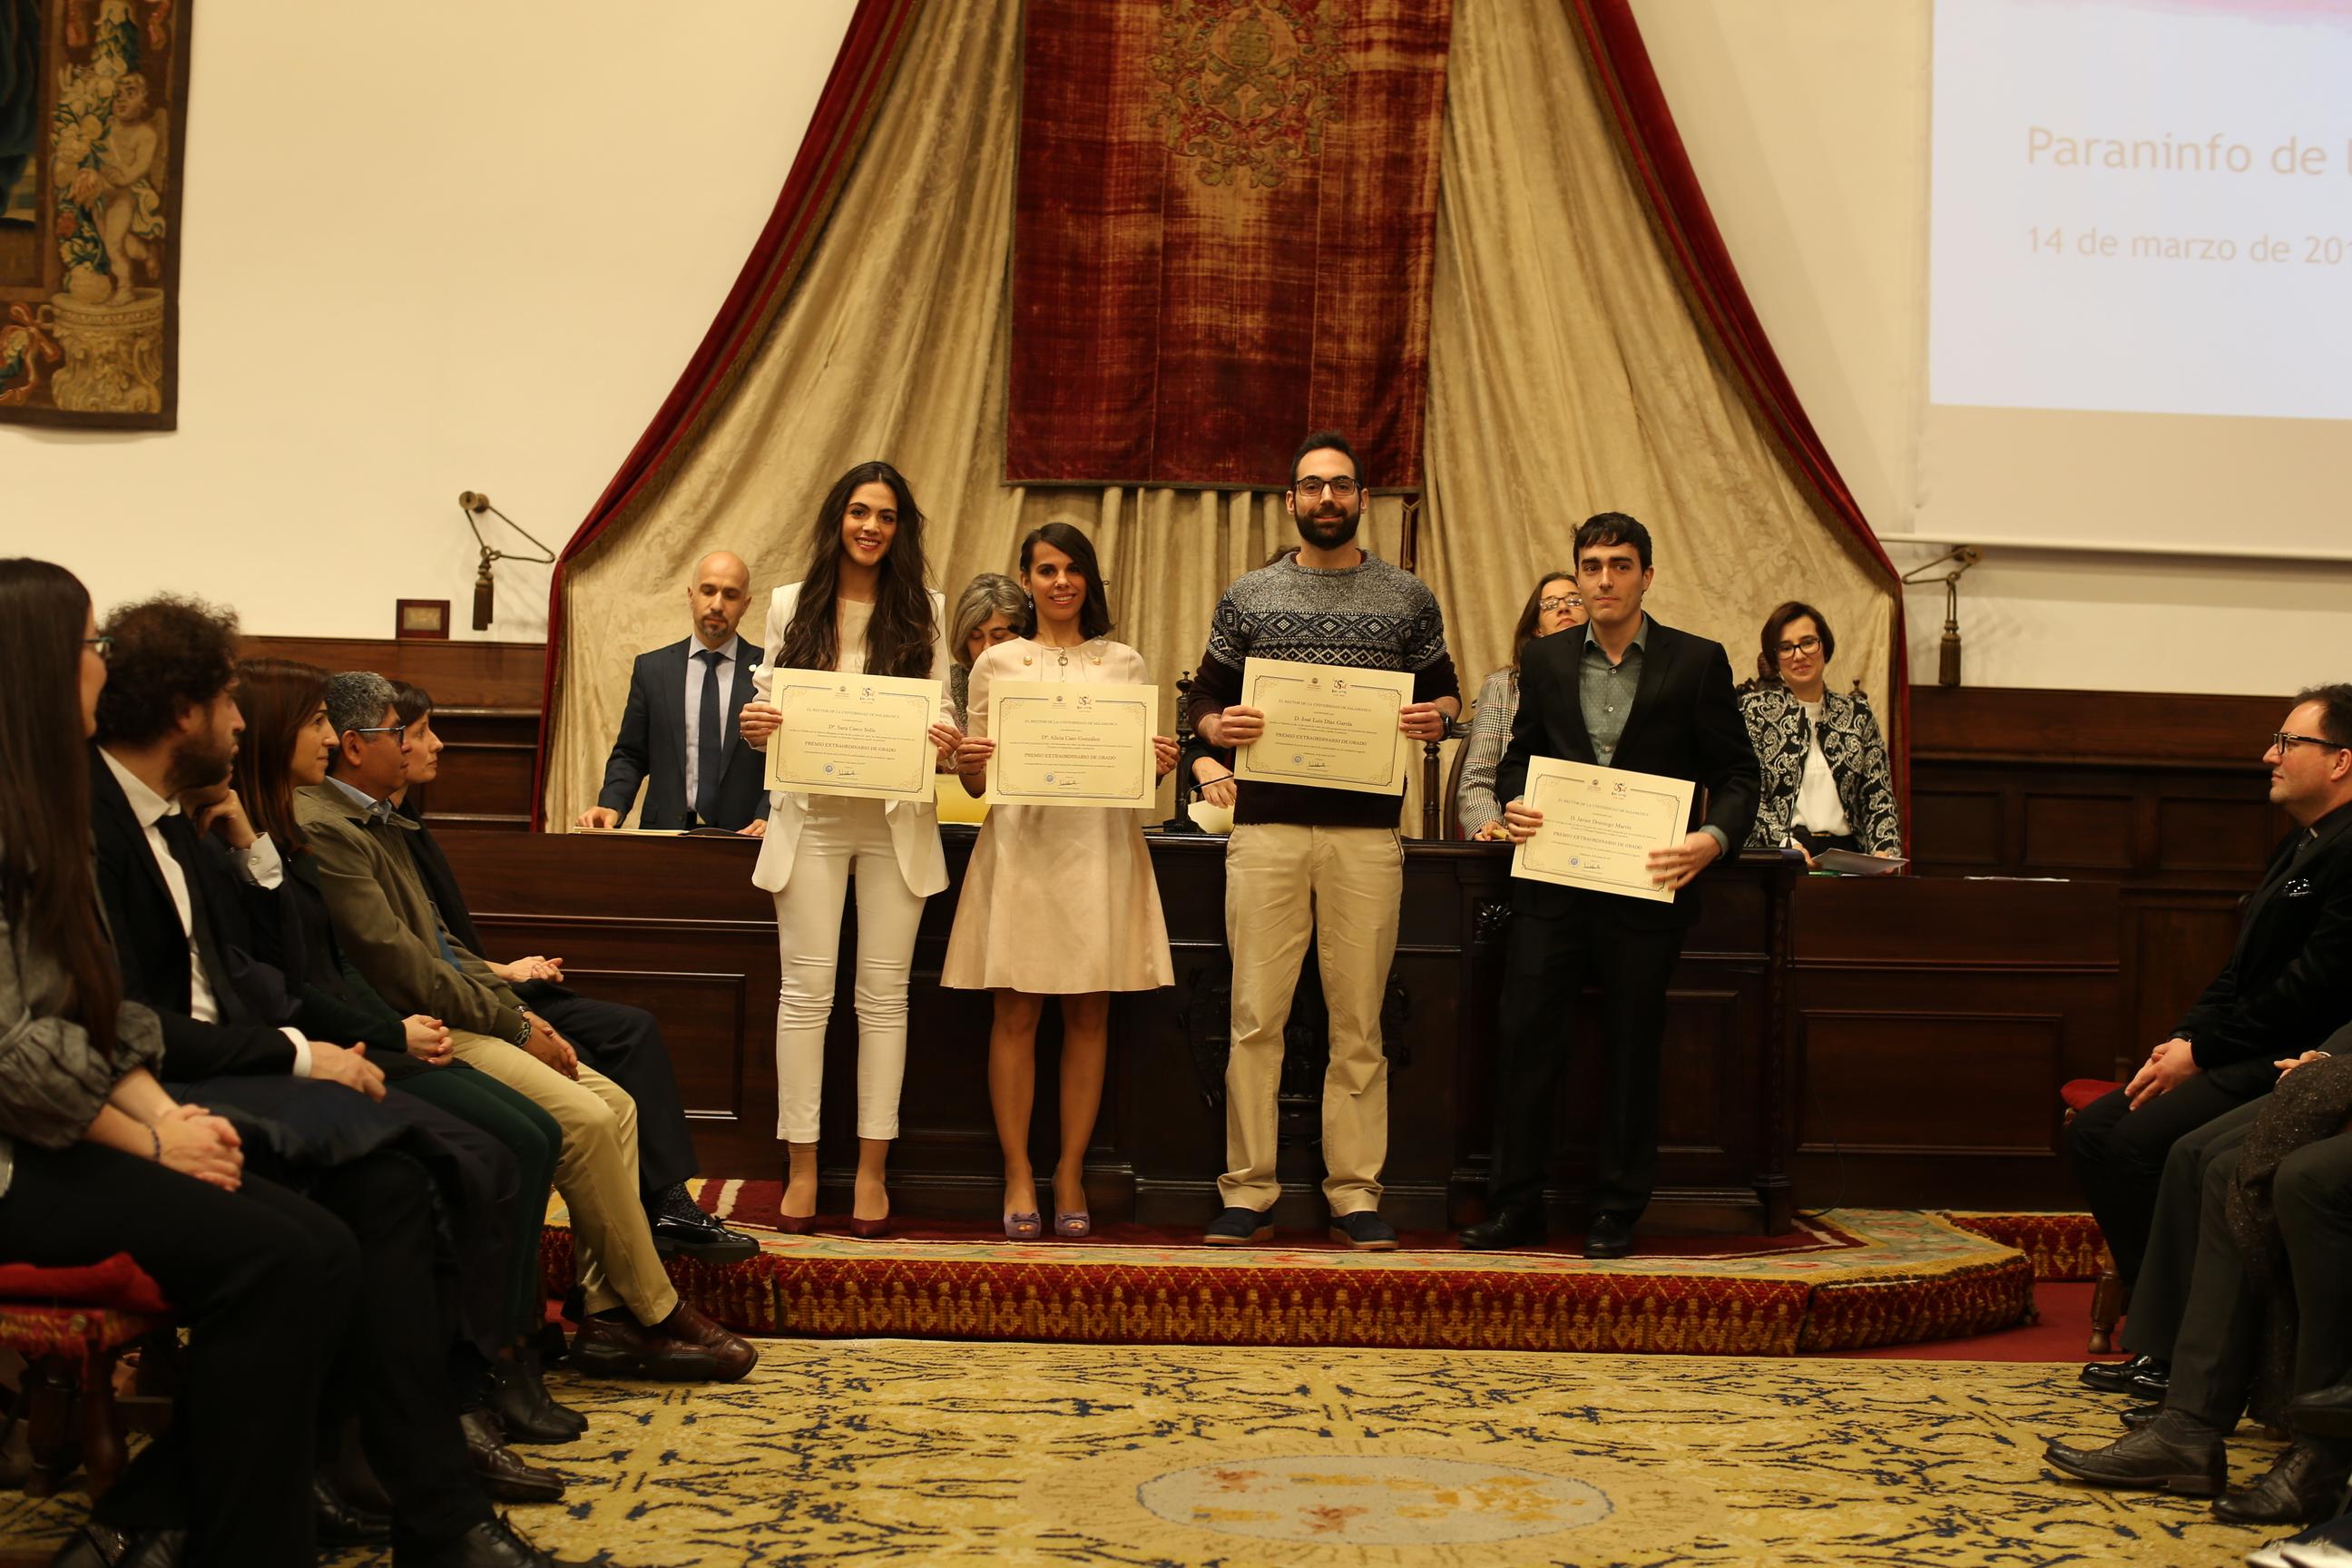 Fotografía de Premio Extraordinario de Grado y de Grado de Salamanca 2